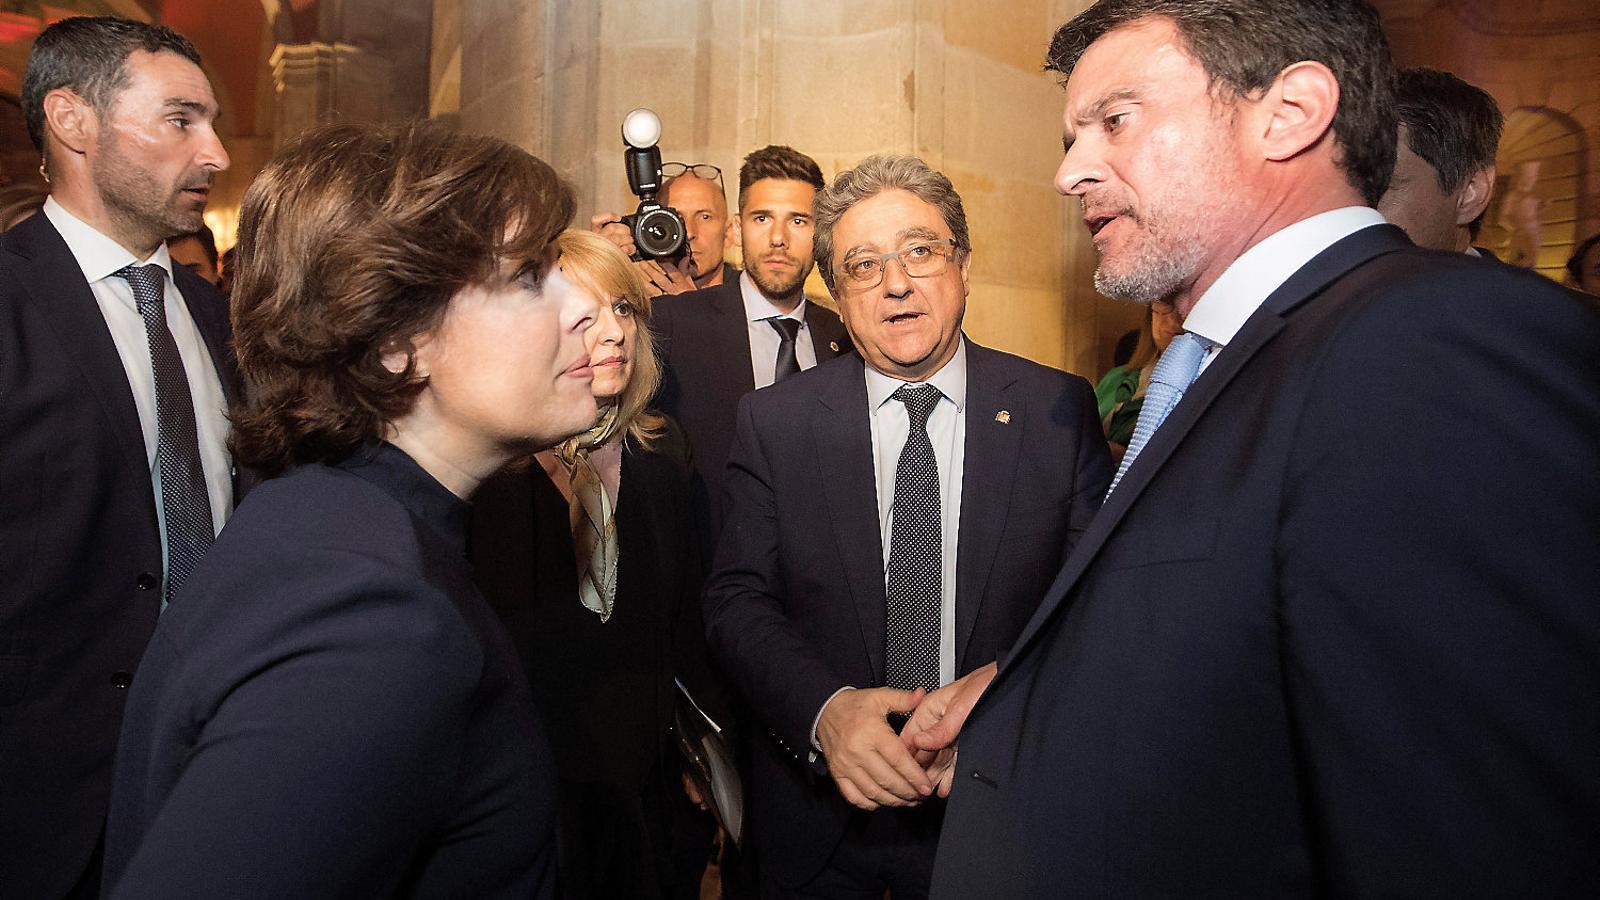 La vicepresidenta Soraya Sáenz de Santamaría i Manuel Valls durant l'acte convocat ahir per Societat Civil Catalana a Barcelona.